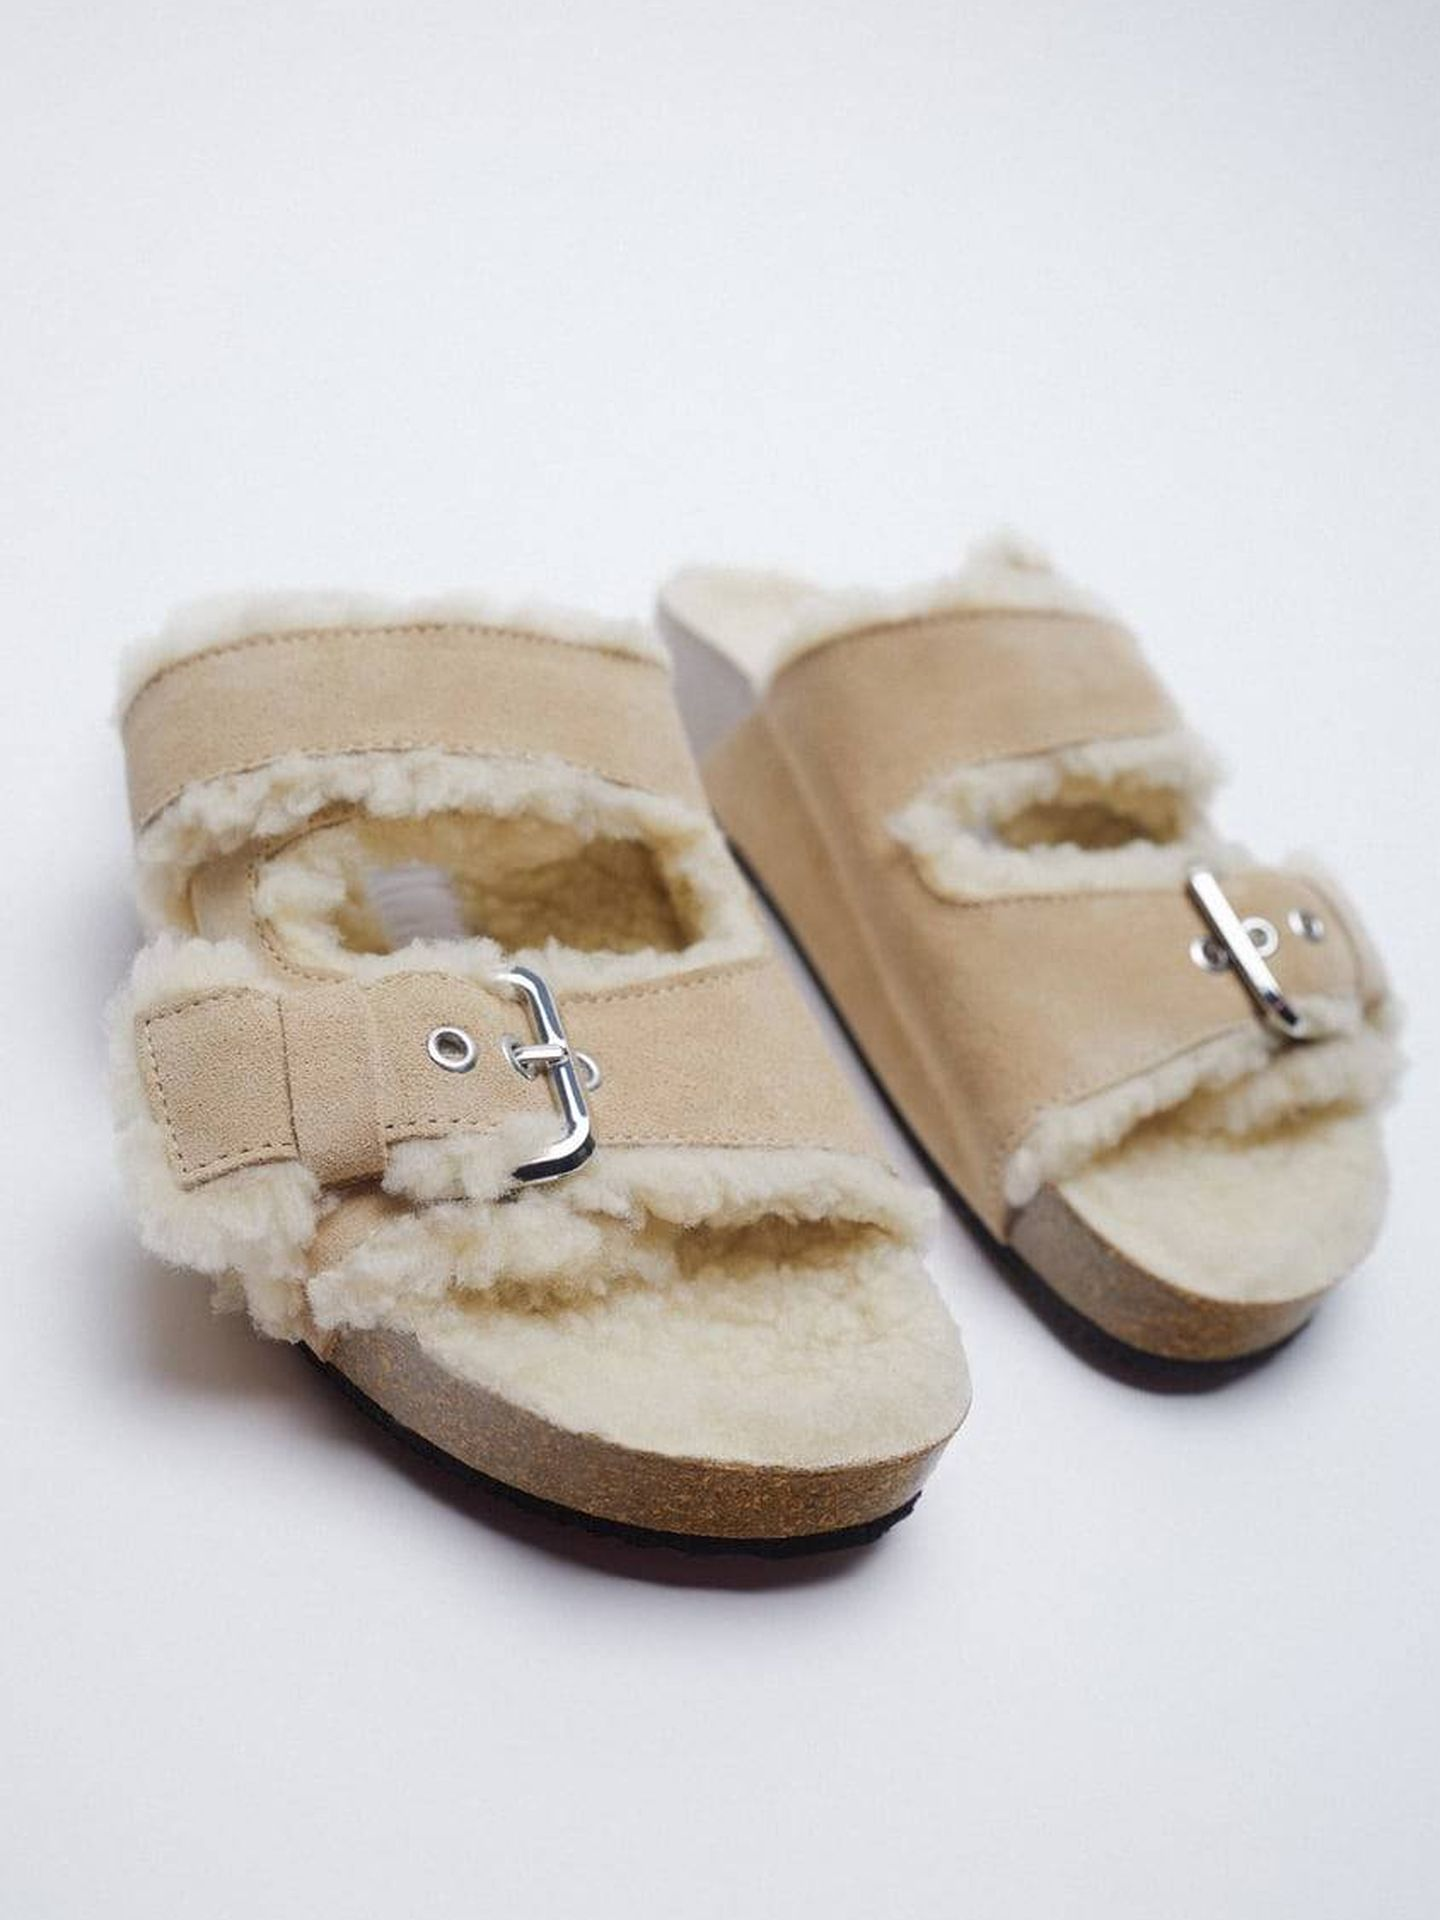 Sandalias de pelo de Zara. (Cortesía)